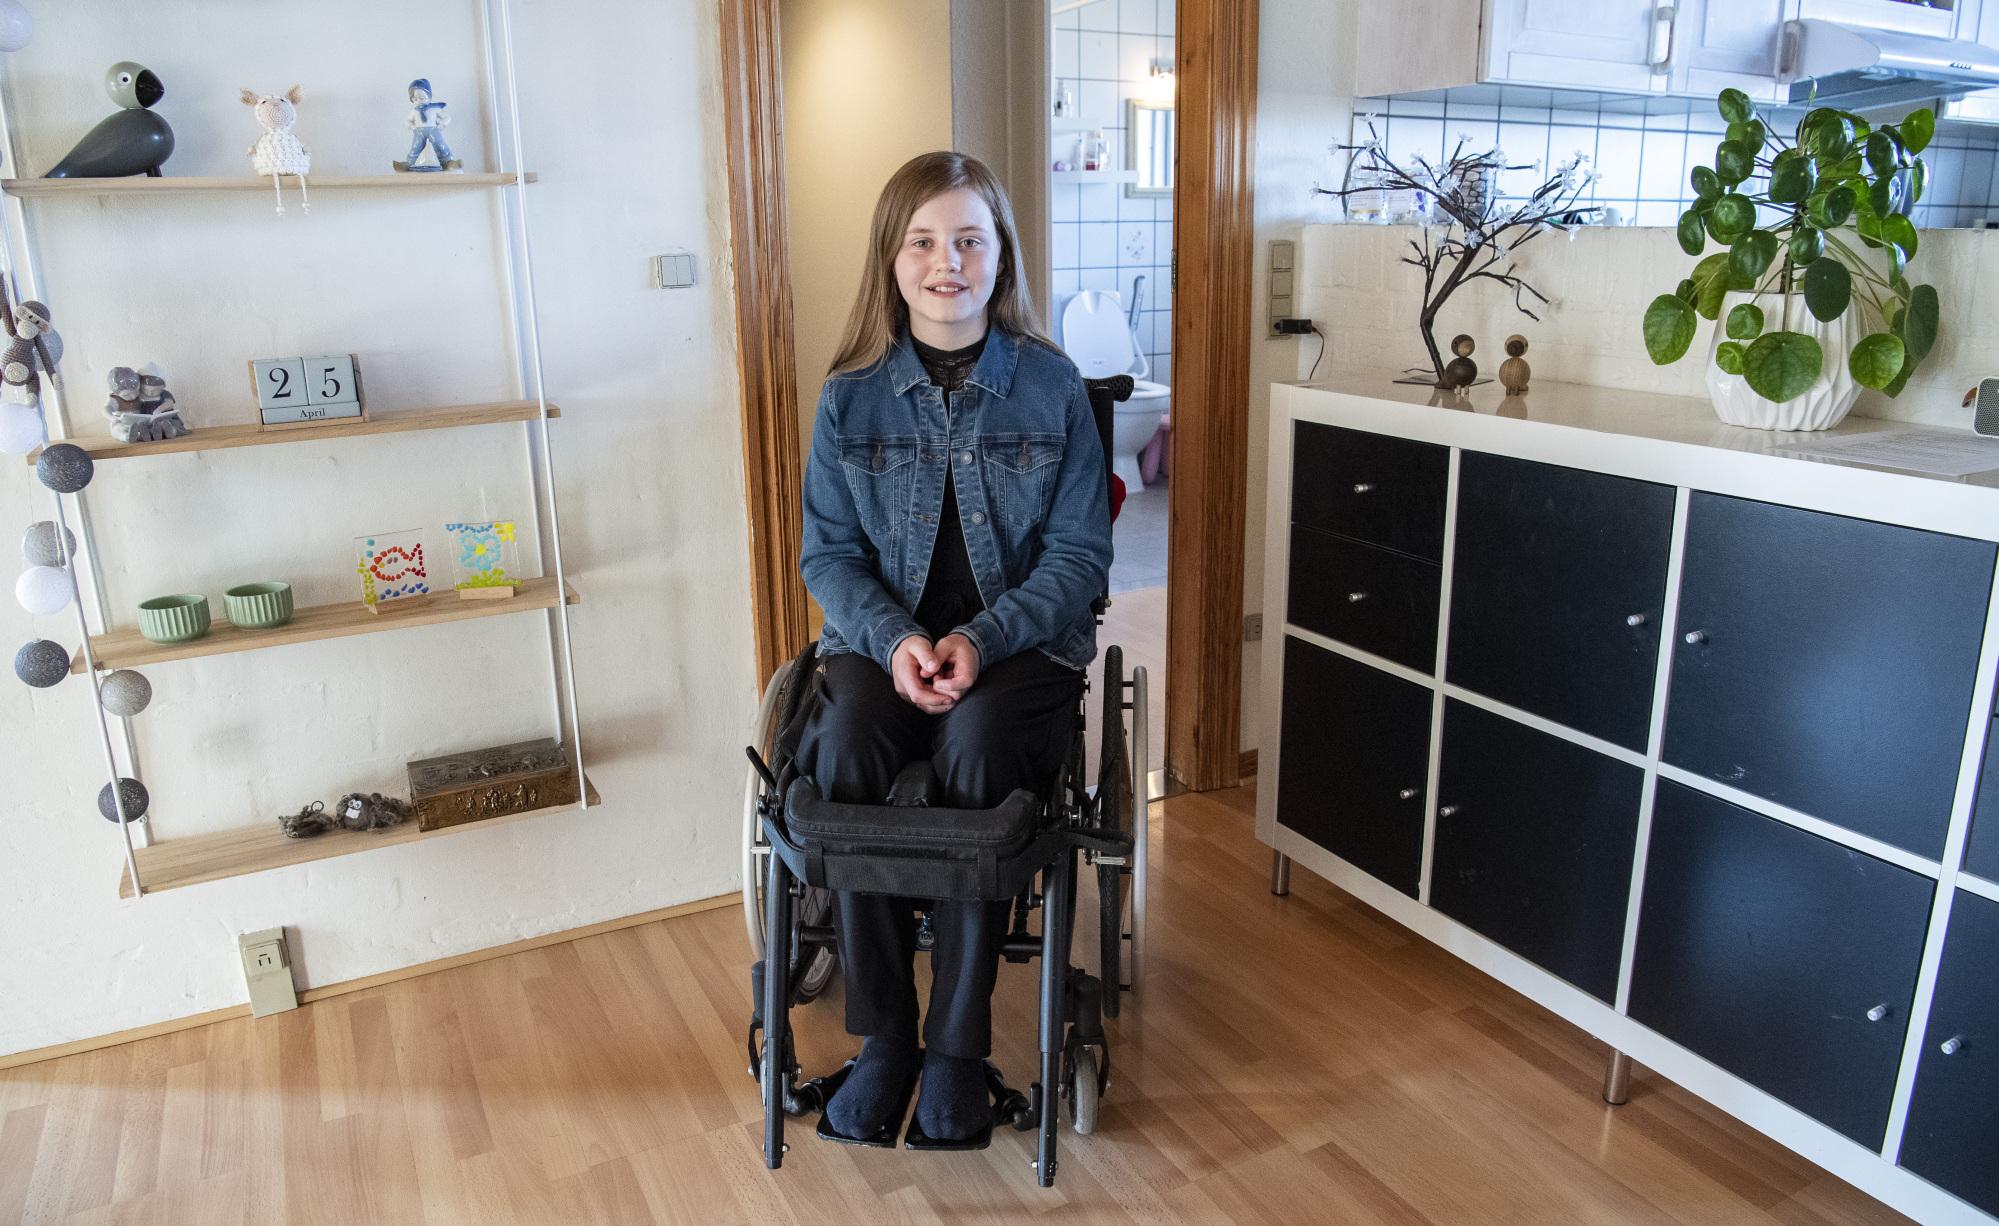 11-årige Mathilde ramt af sjælden sygdom: - Jeg føler, at jeg er lidt i vejen